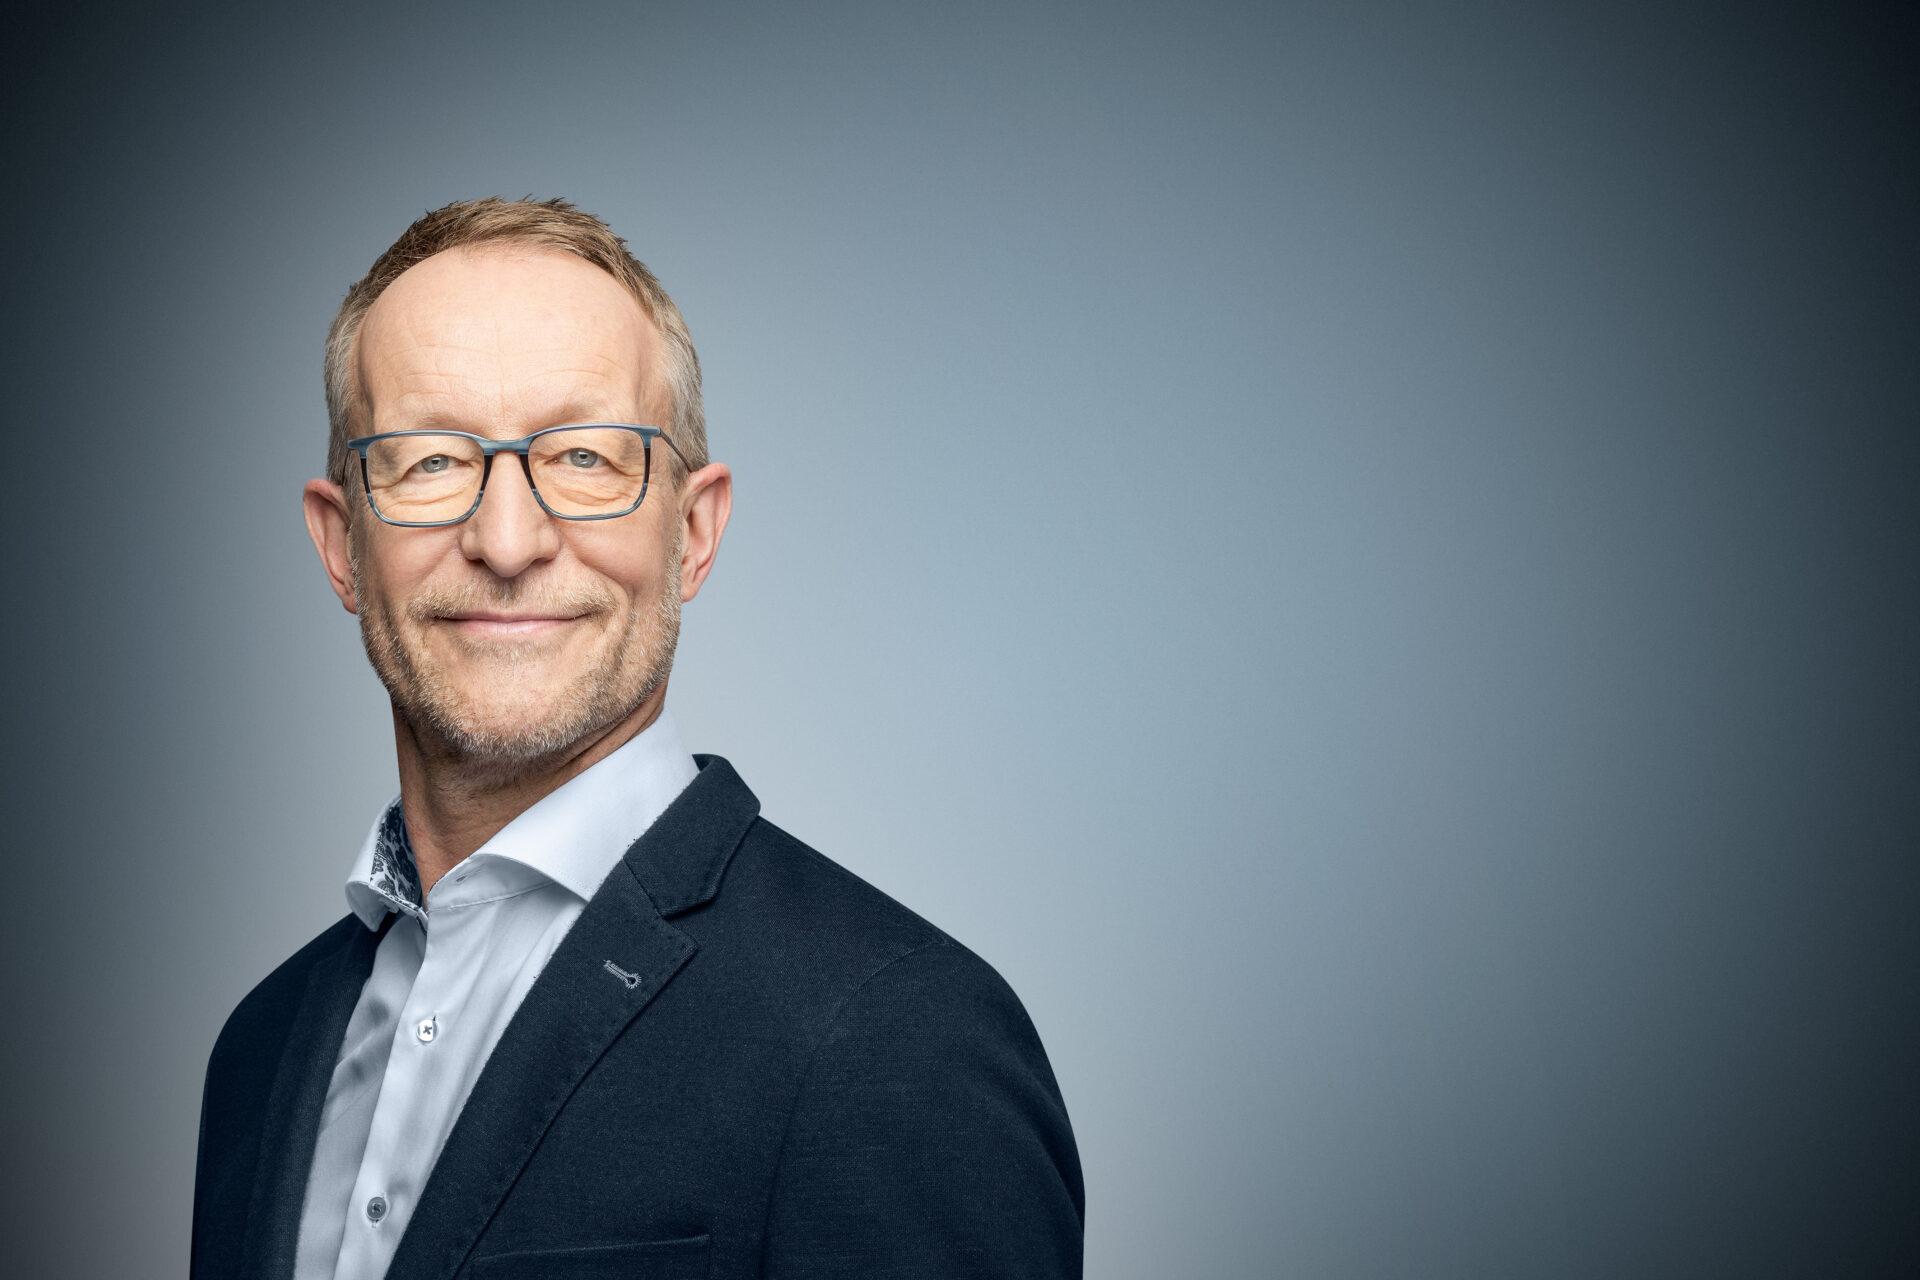 Bernhard Vienenkoetter Dr Gemmeke GmbH Business Portrait Jerome Courtois Photography 700x467 1